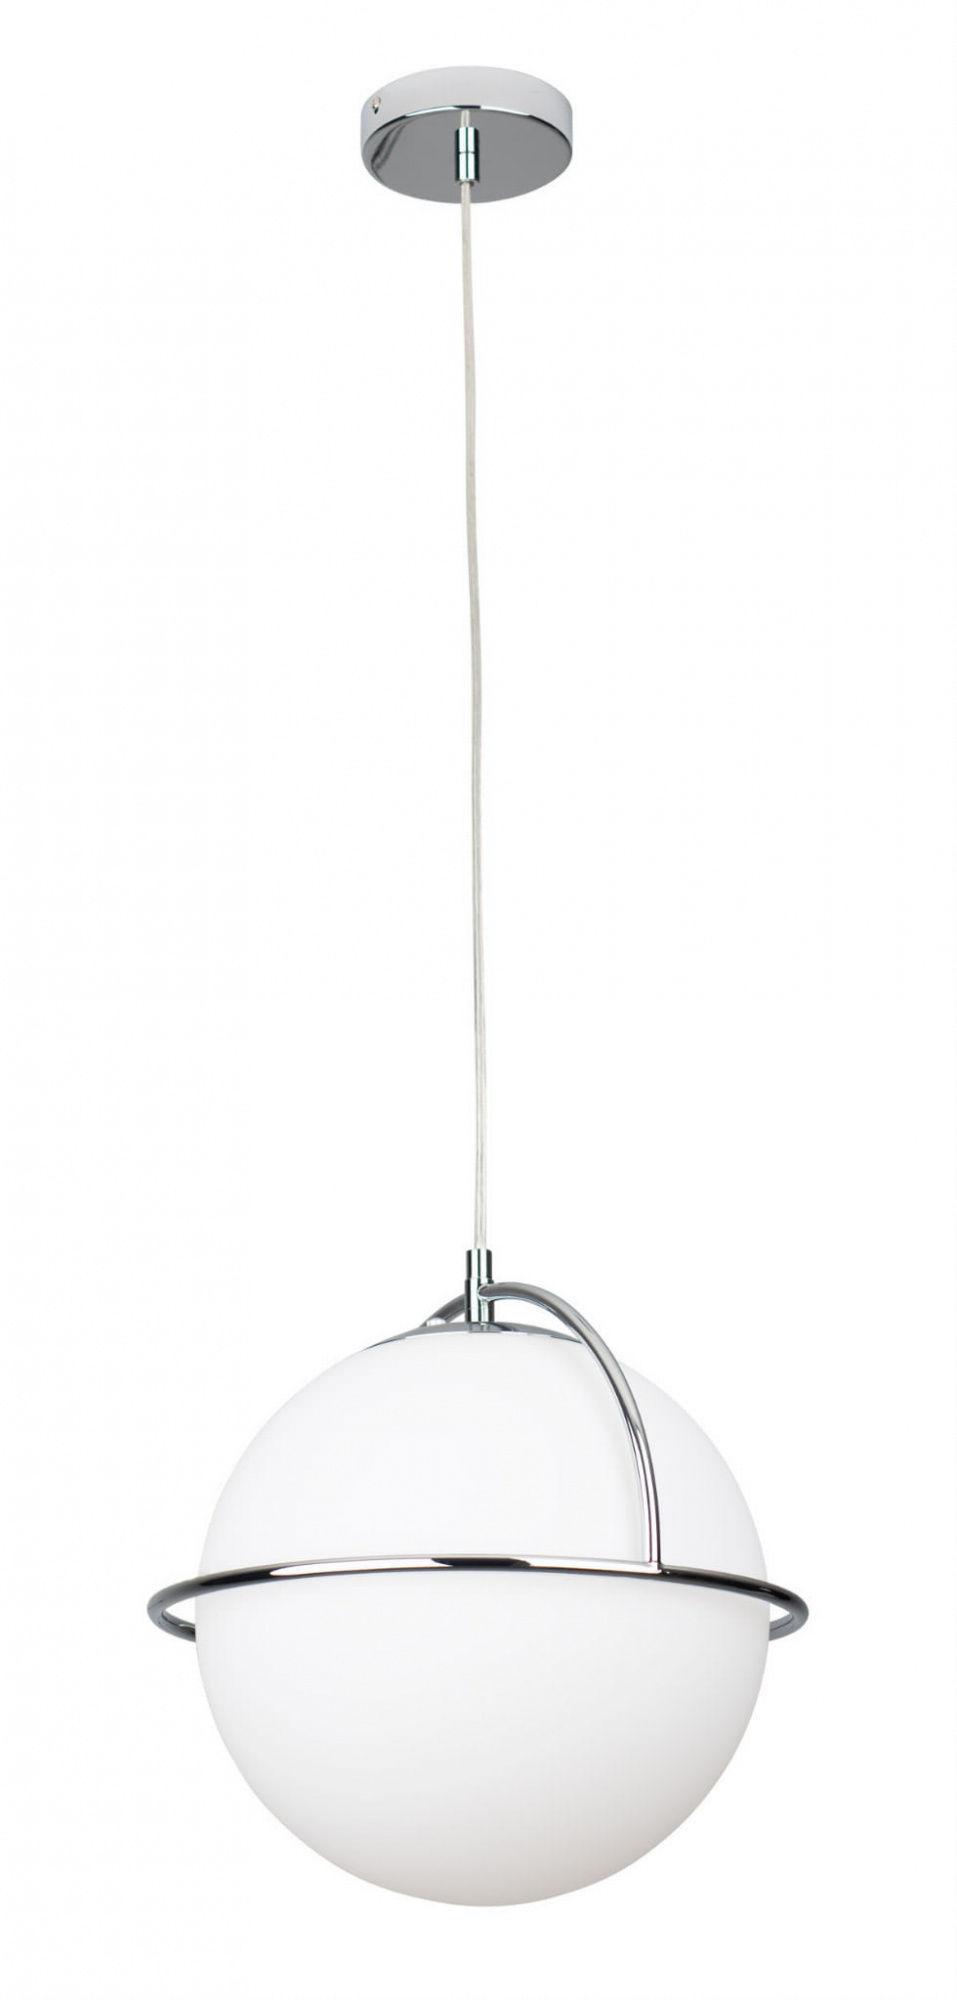 Lampa wisząca SATURN P0380 MAXlight chromowa oprawa w stylu nowoczesnym